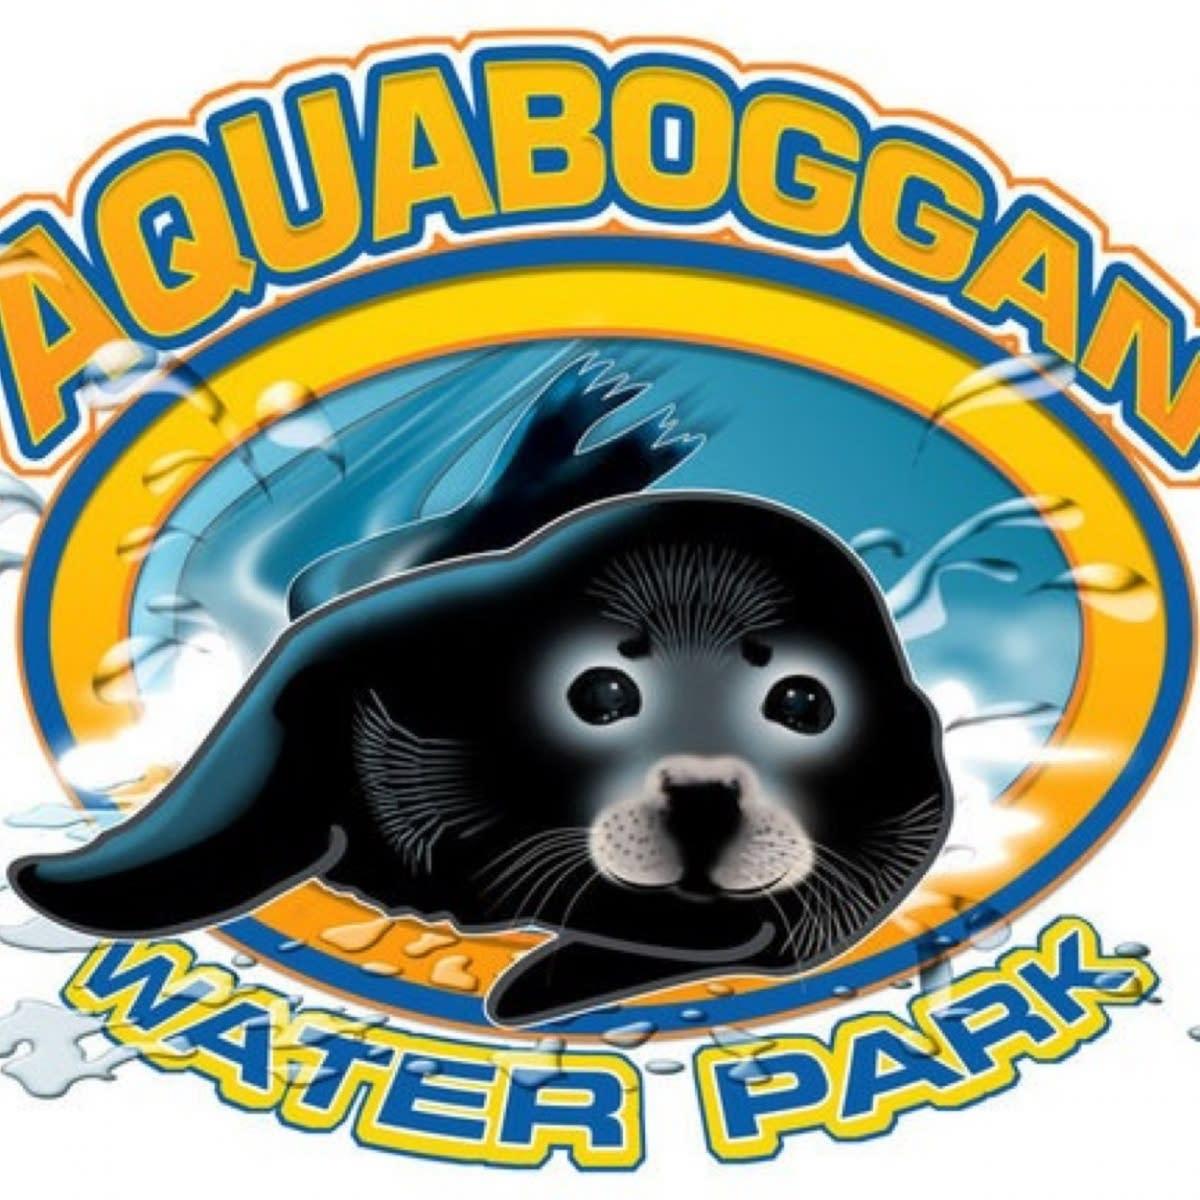 Aquaboggan Waterpark  Saco, ME 04072